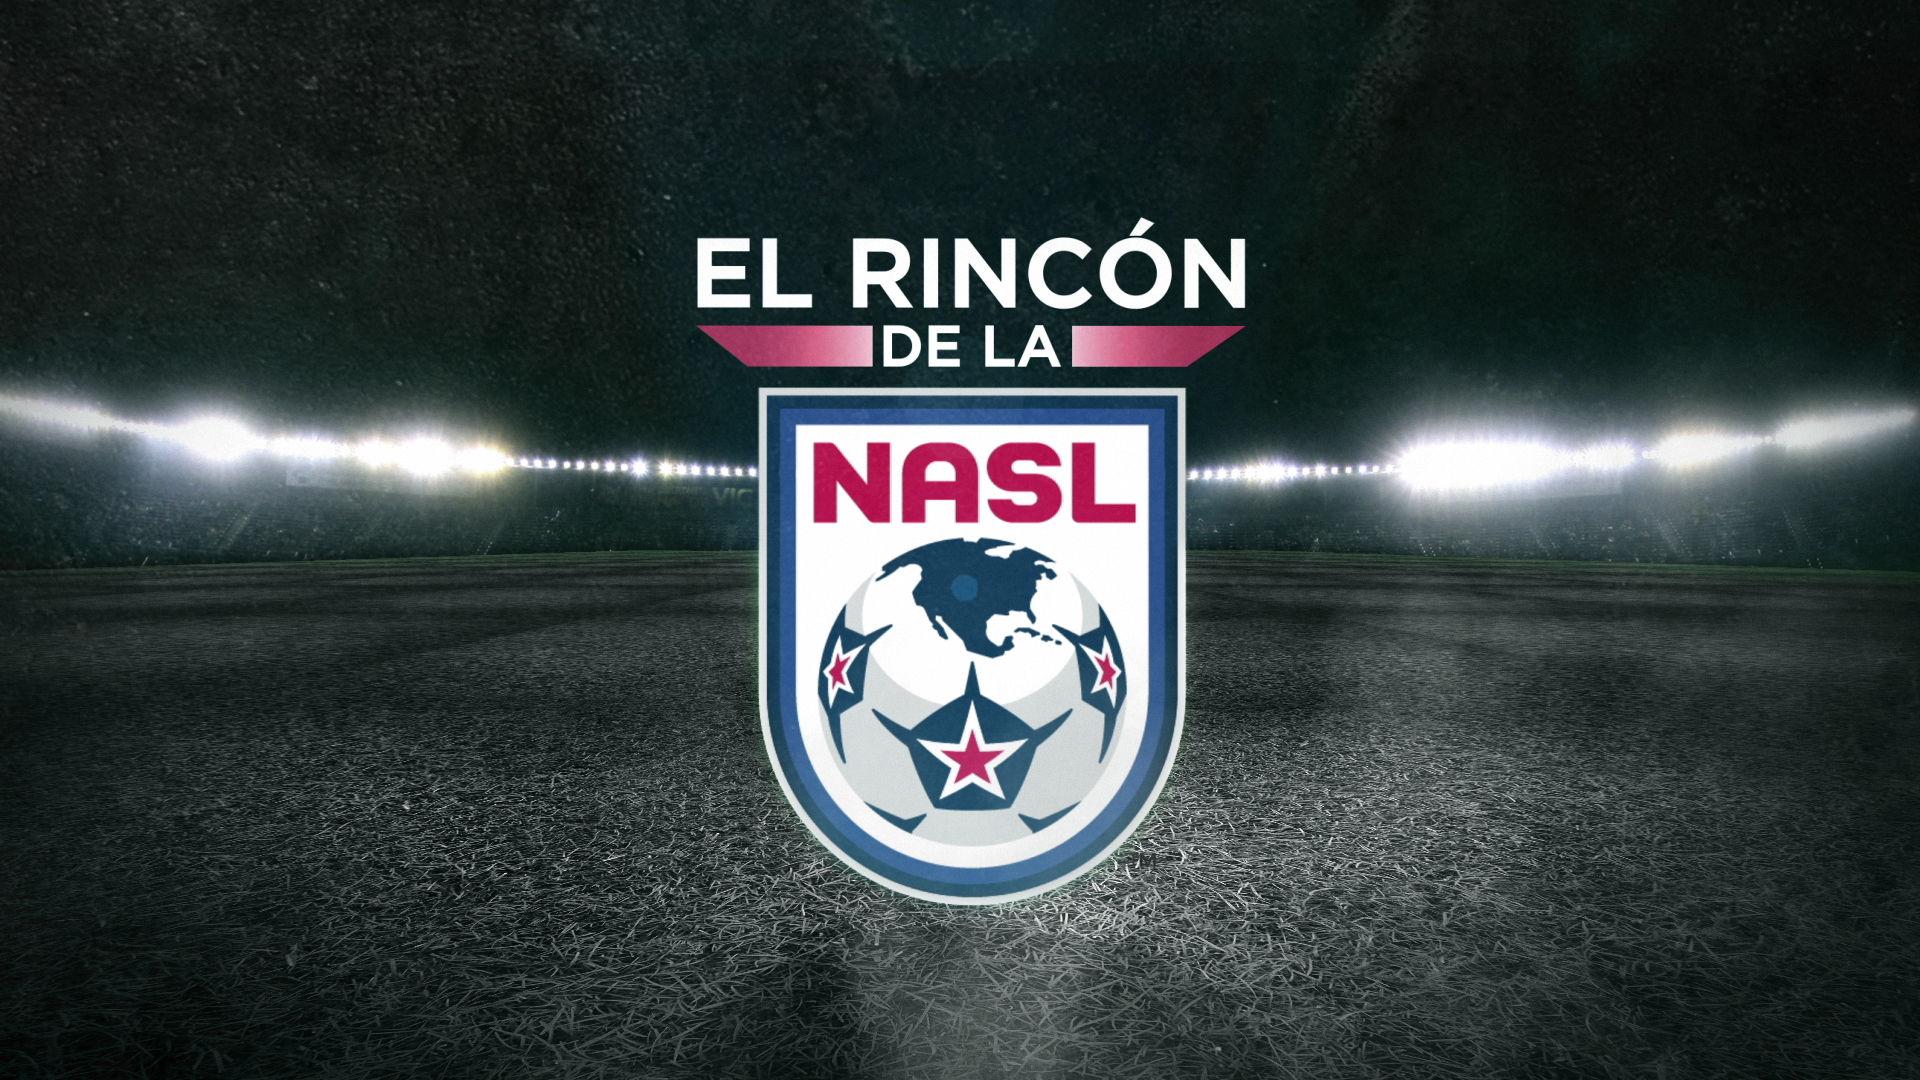 El Rincón de la NASL